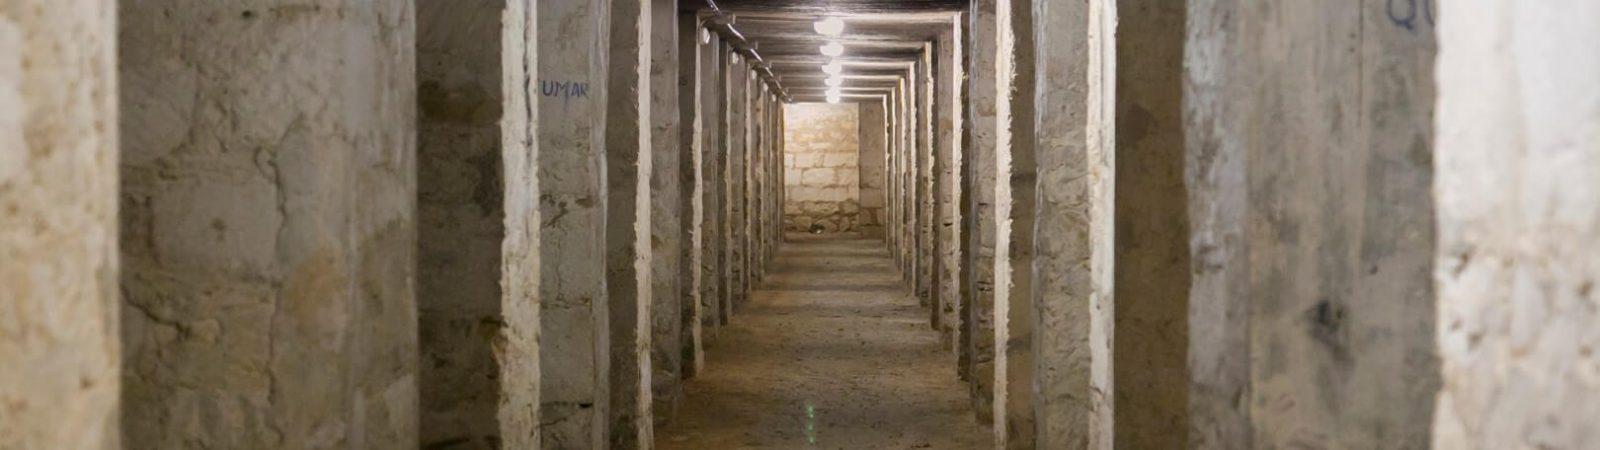 Interior del refugio de la plaza Séneca abierto desde hace diez años. Foto Ayuntamiento de Alicante